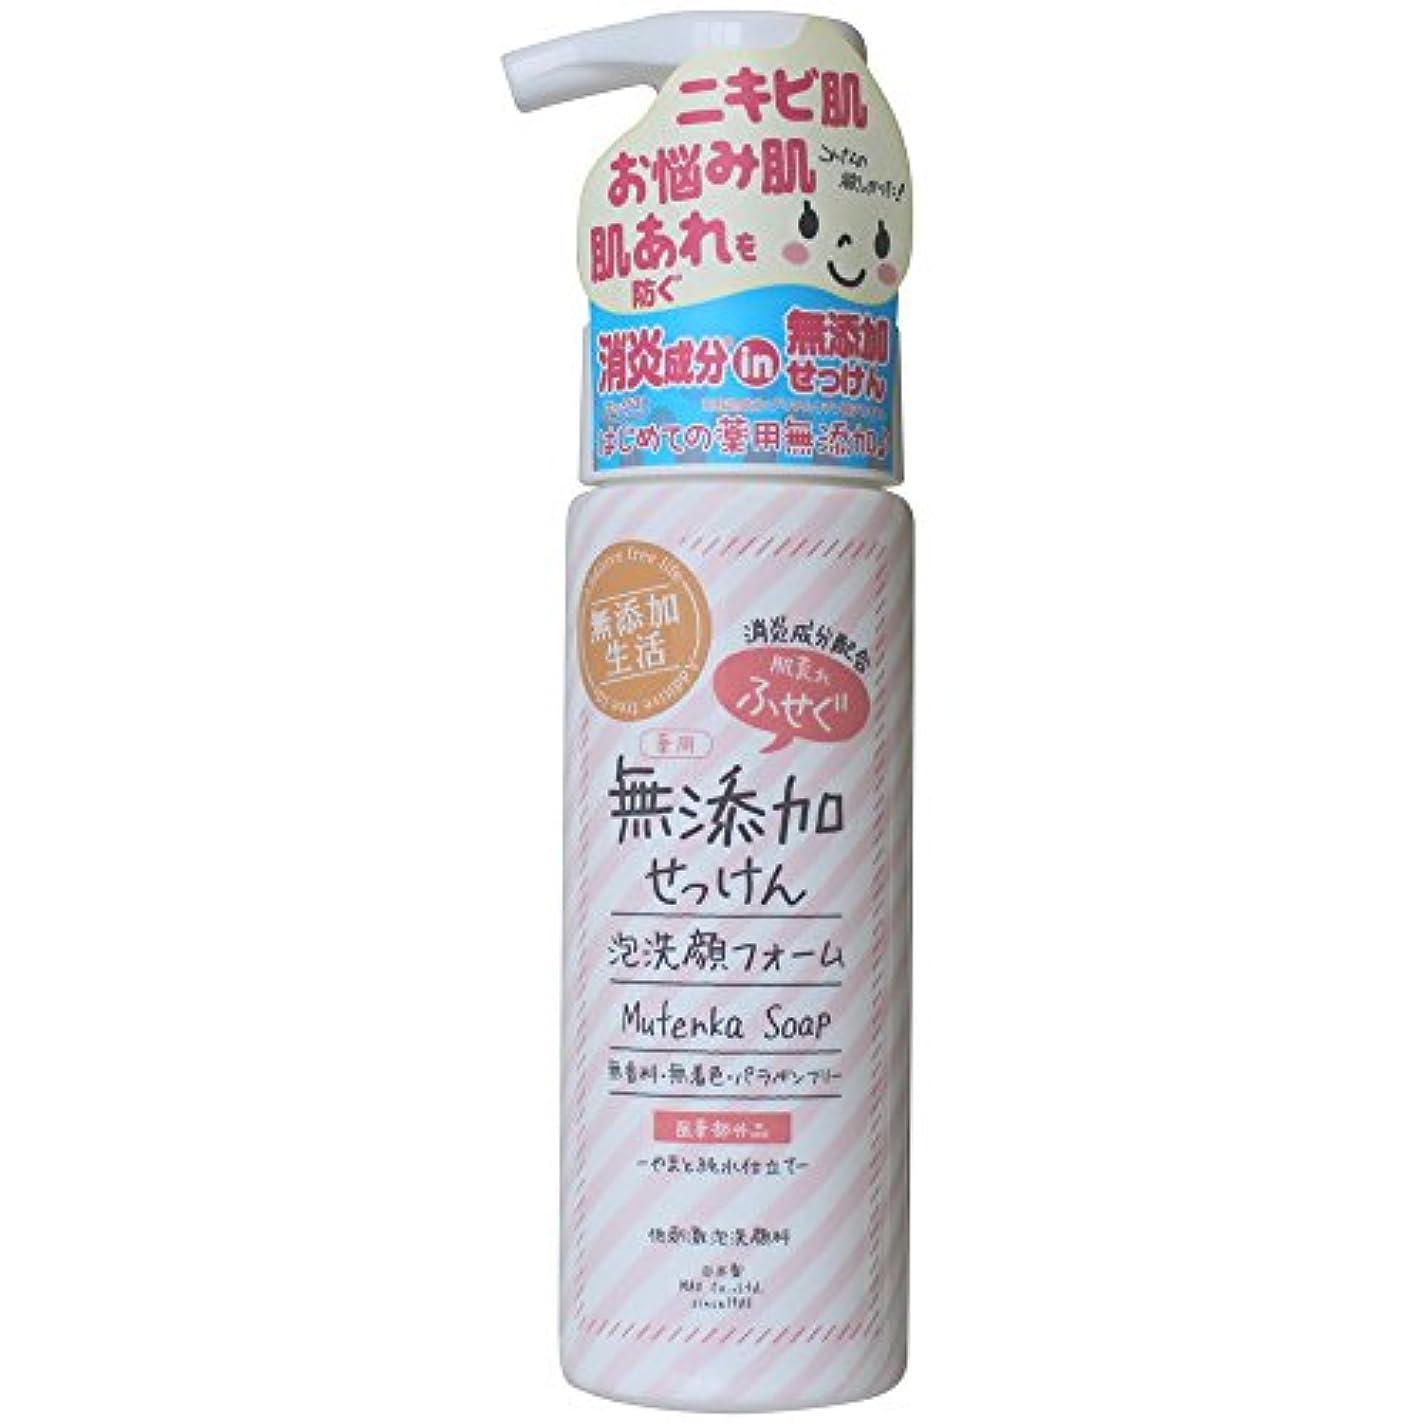 端サーバントページ肌荒れ防ぐ薬用無添加 洗顔フォーム 200mL